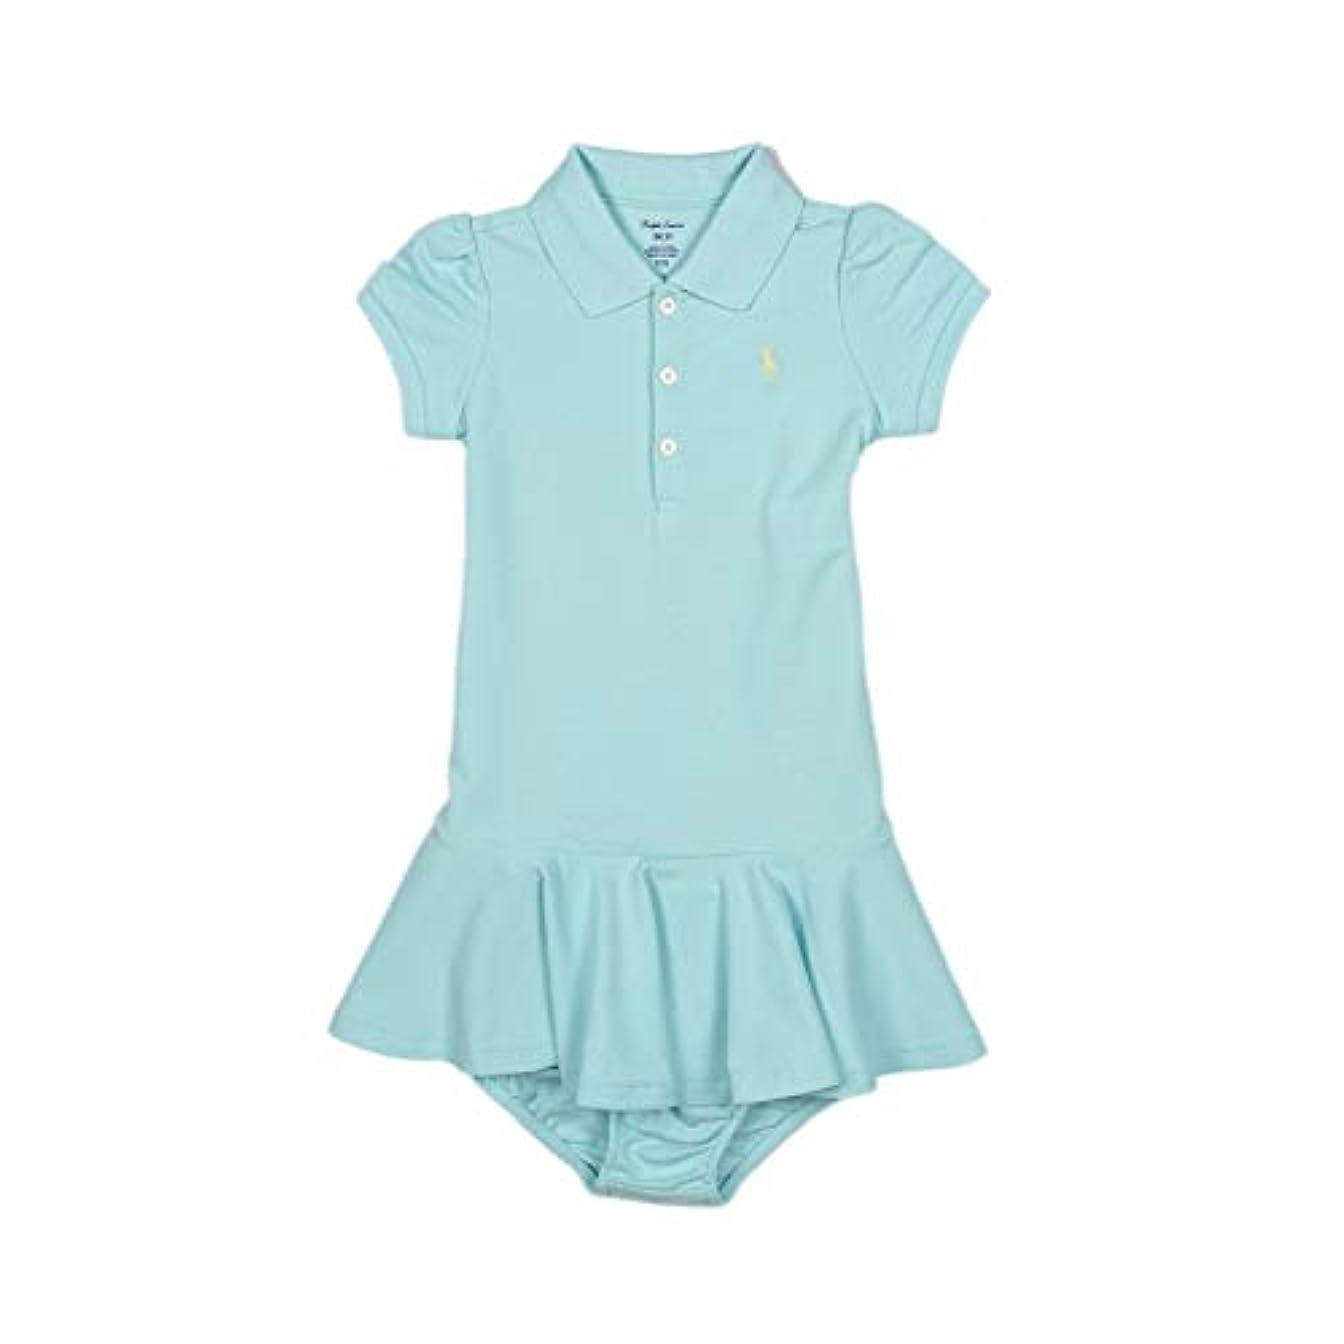 いいねインキュバス紫の(ラルフローレン)RALPH LAUREN ベビー 女の子 半袖 ポロシャツ ドレス ブルマー Piqué Polo Dress&Bloomer アイランド アクア Island Aqua [並行輸入品]